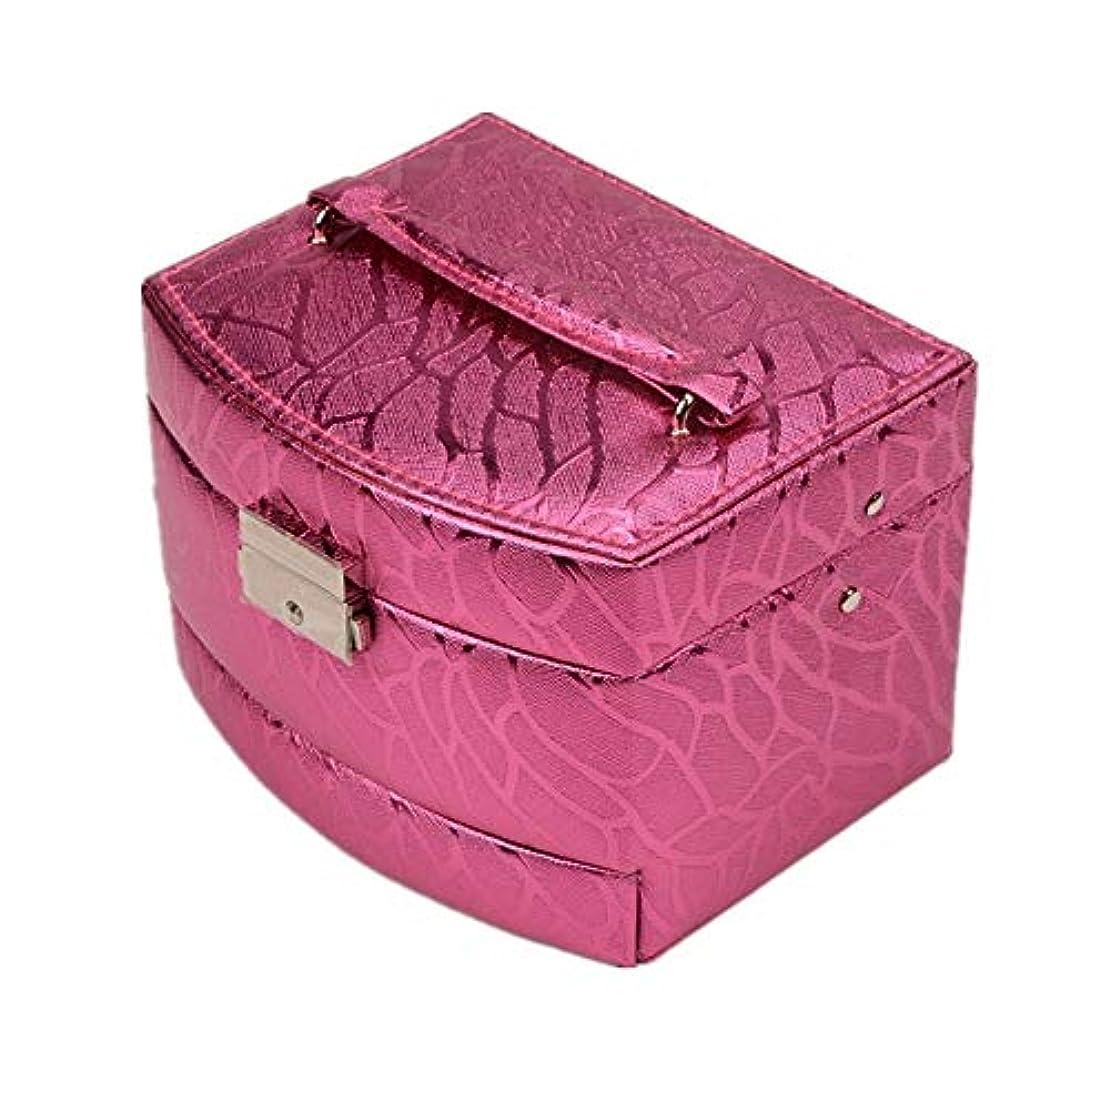 借りているチートスワップ化粧オーガナイザーバッグ 光沢のあるポータブル多層化粧品美容メイクアップ化粧ケースロックと化粧品ミラー 化粧品ケース